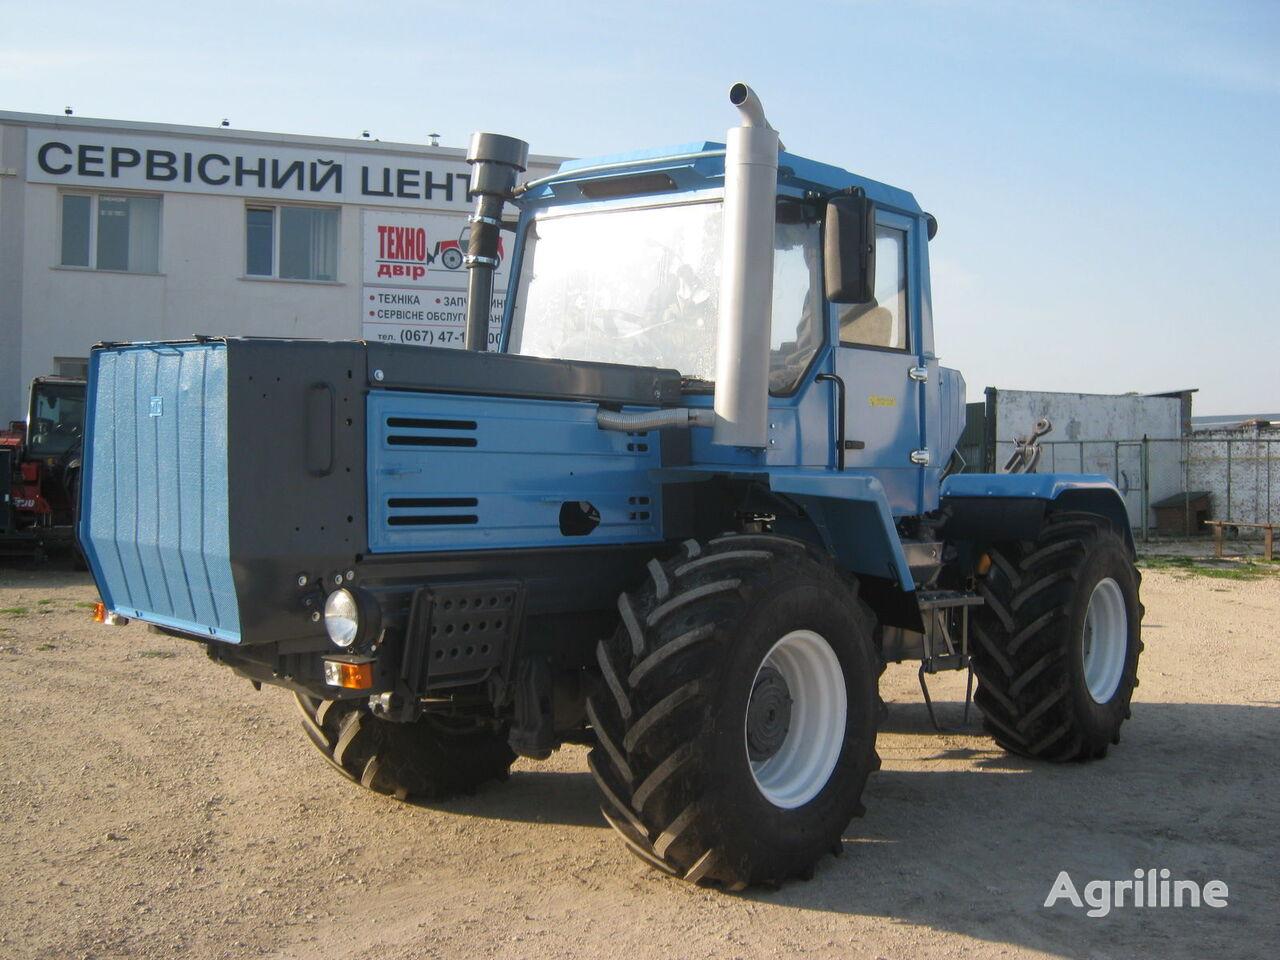 HTZ T-150 VIDNOVLENIY tractor de ruedas